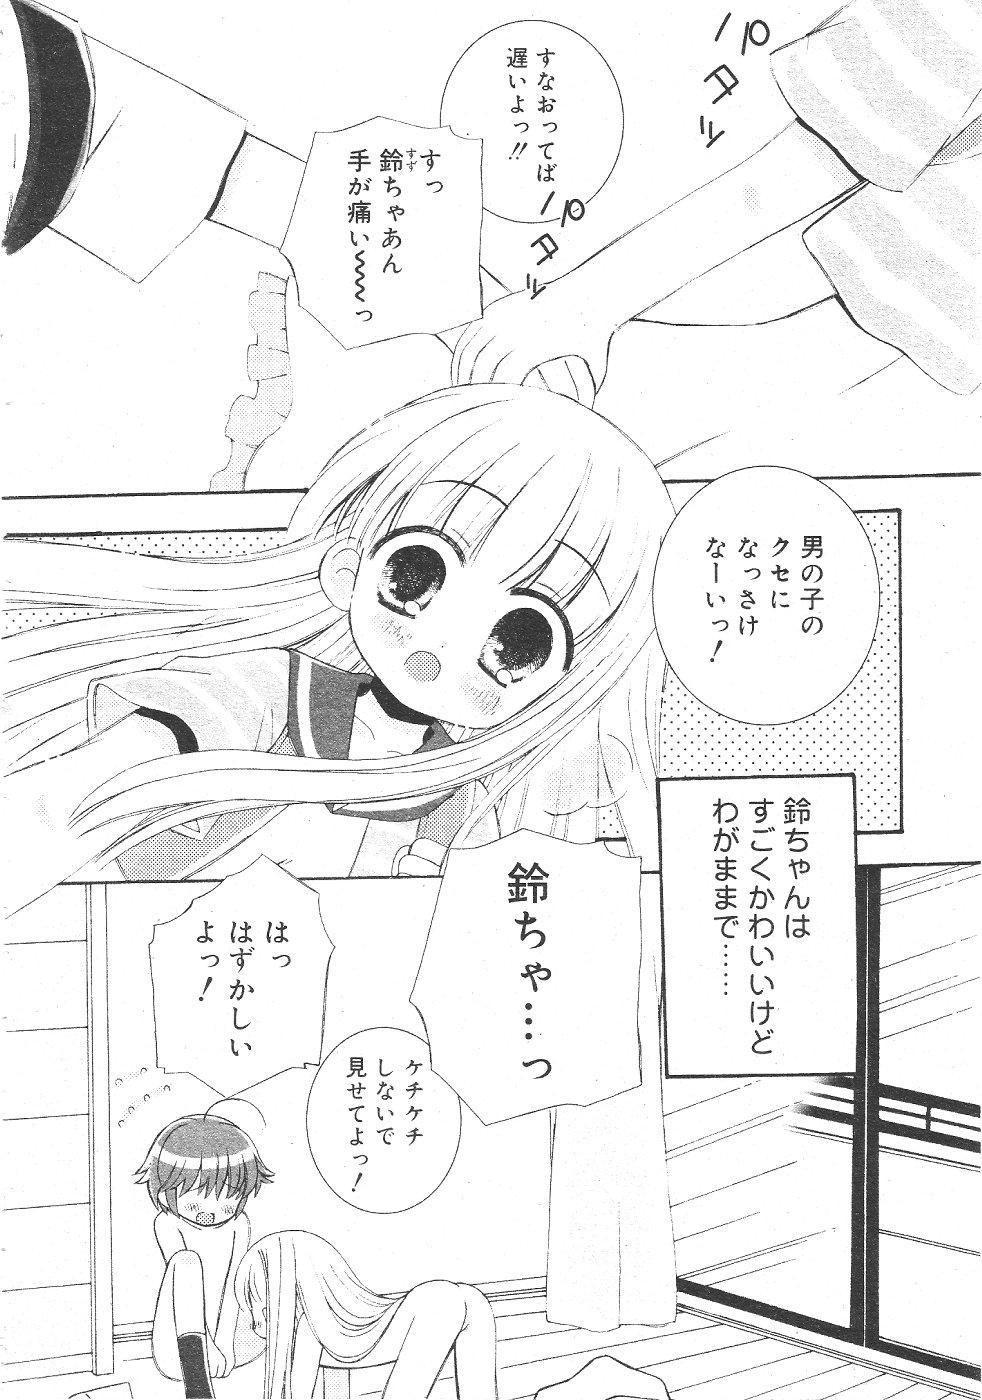 Gekkan Comic Muga 2004-06 Vol.10 245